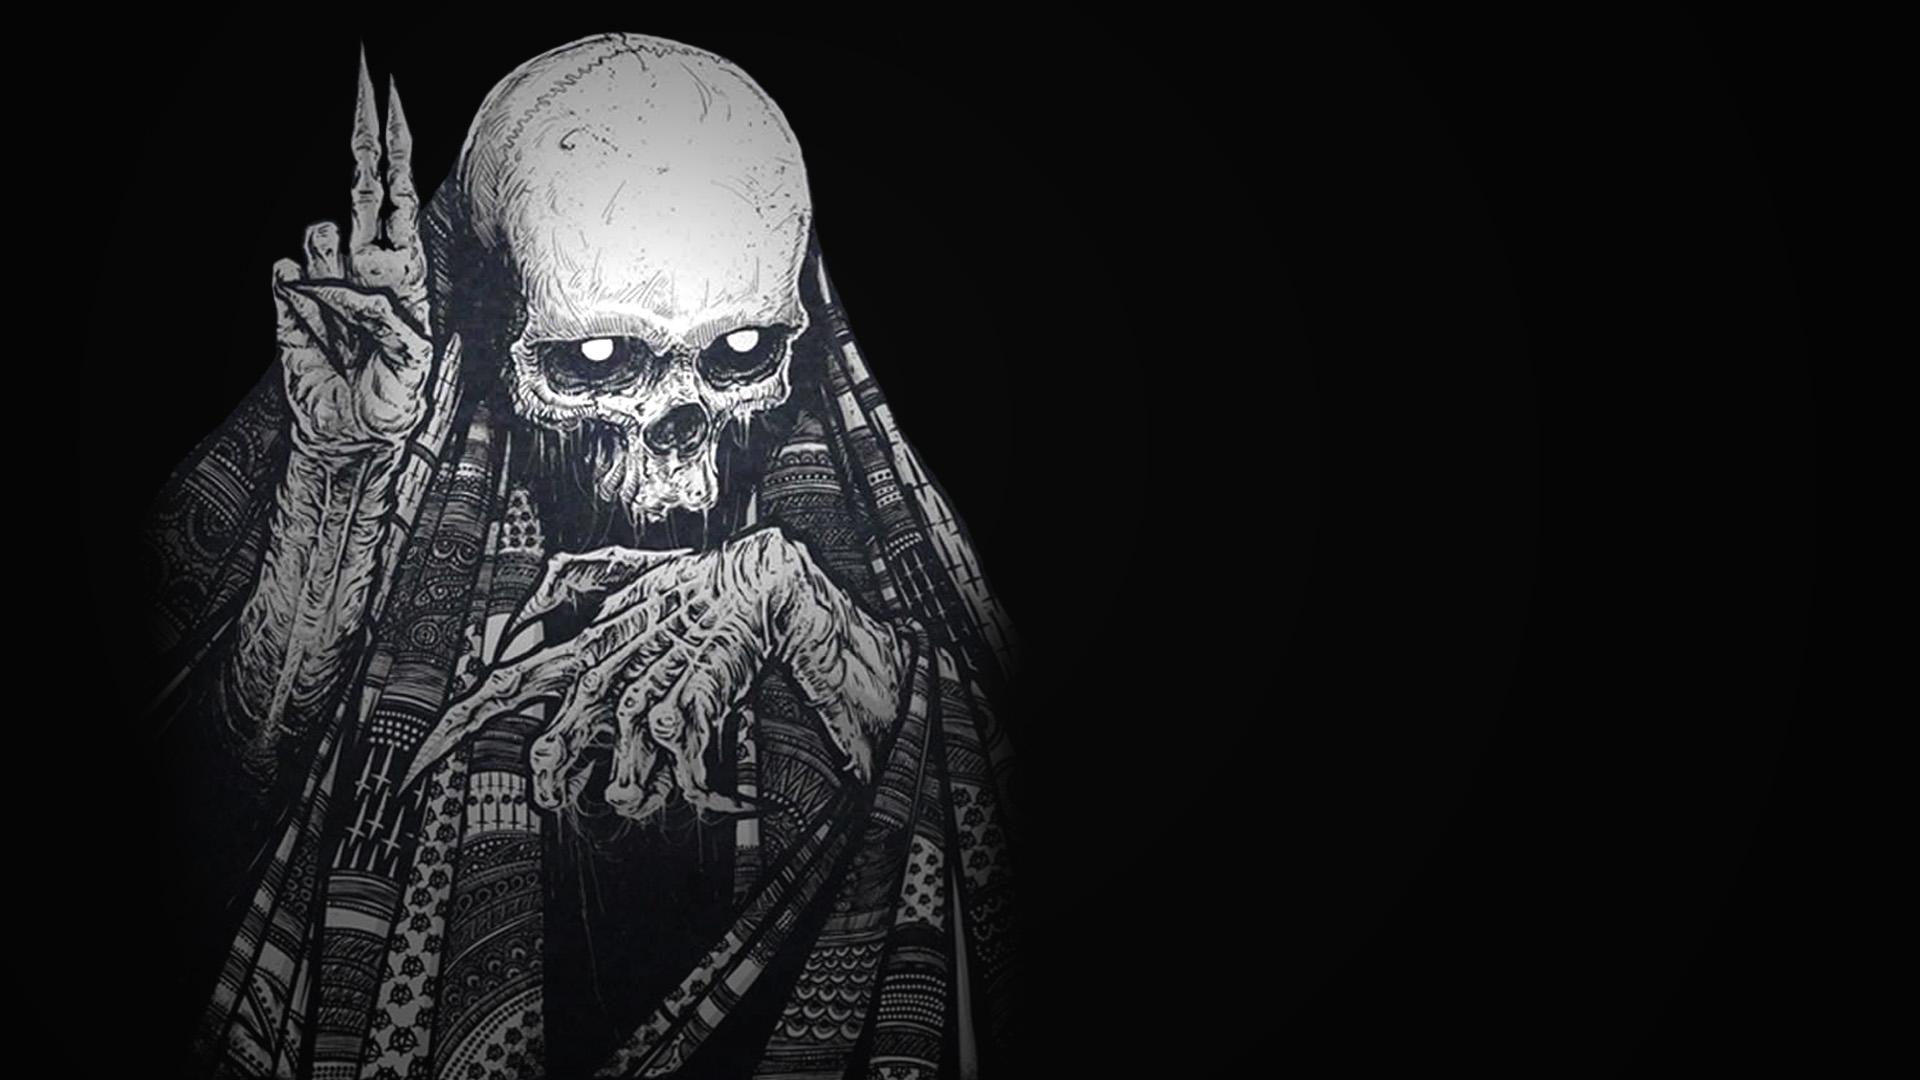 monster skull black wallpaper - photo #21